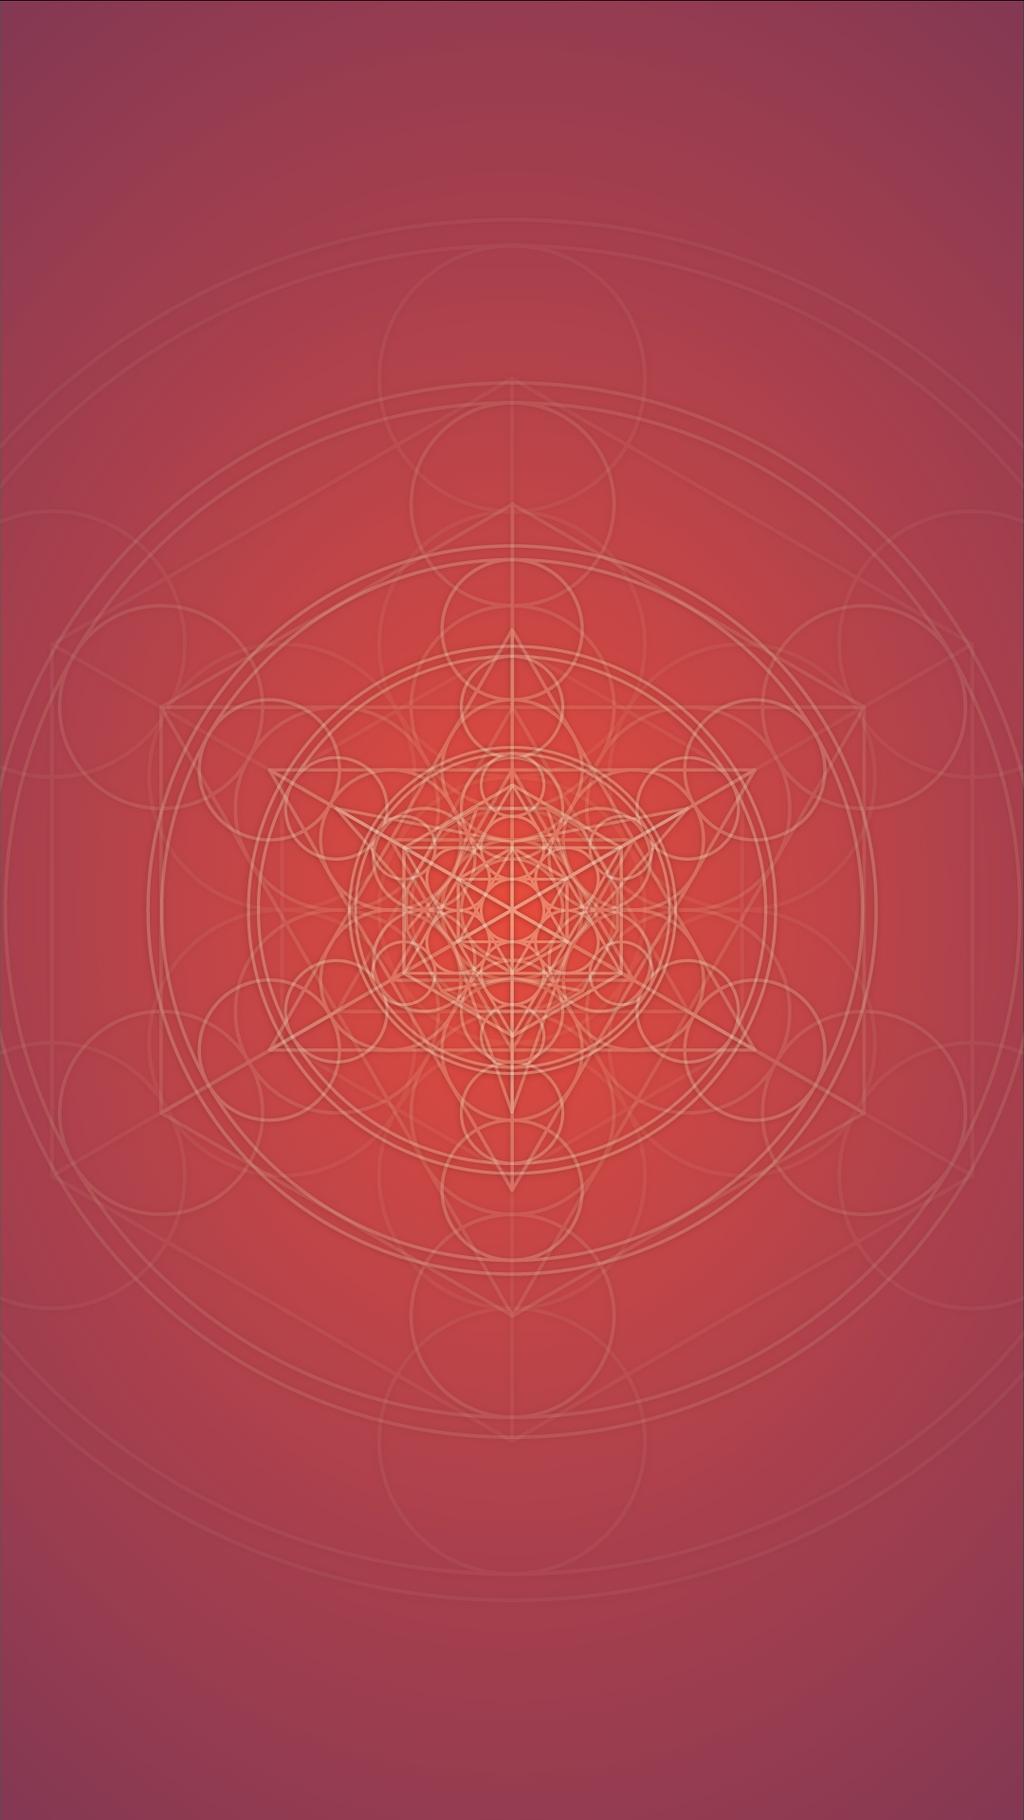 Red (1080x1920) by JustinByrne